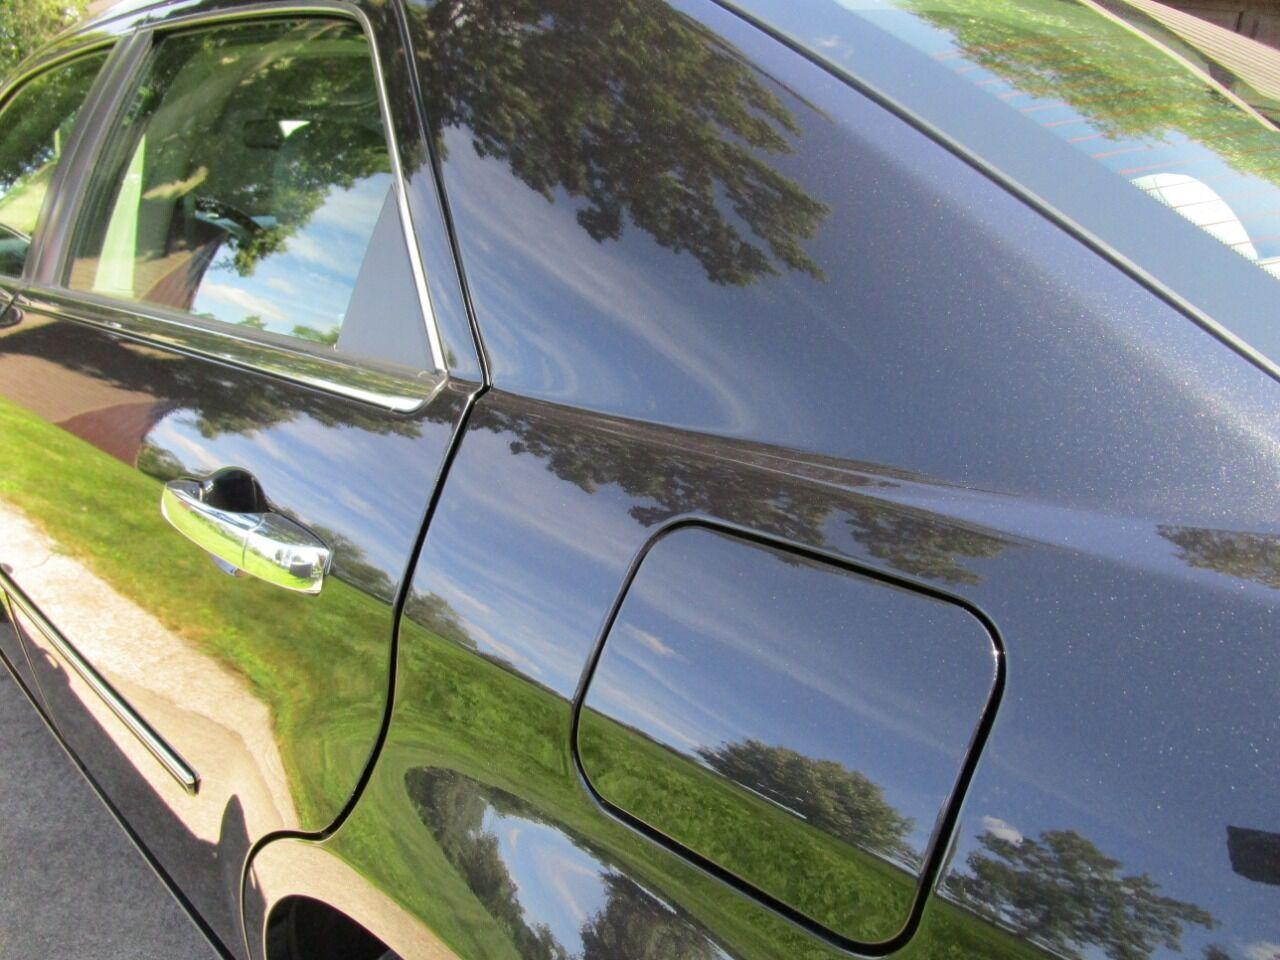 2006 Chrysler 300 21